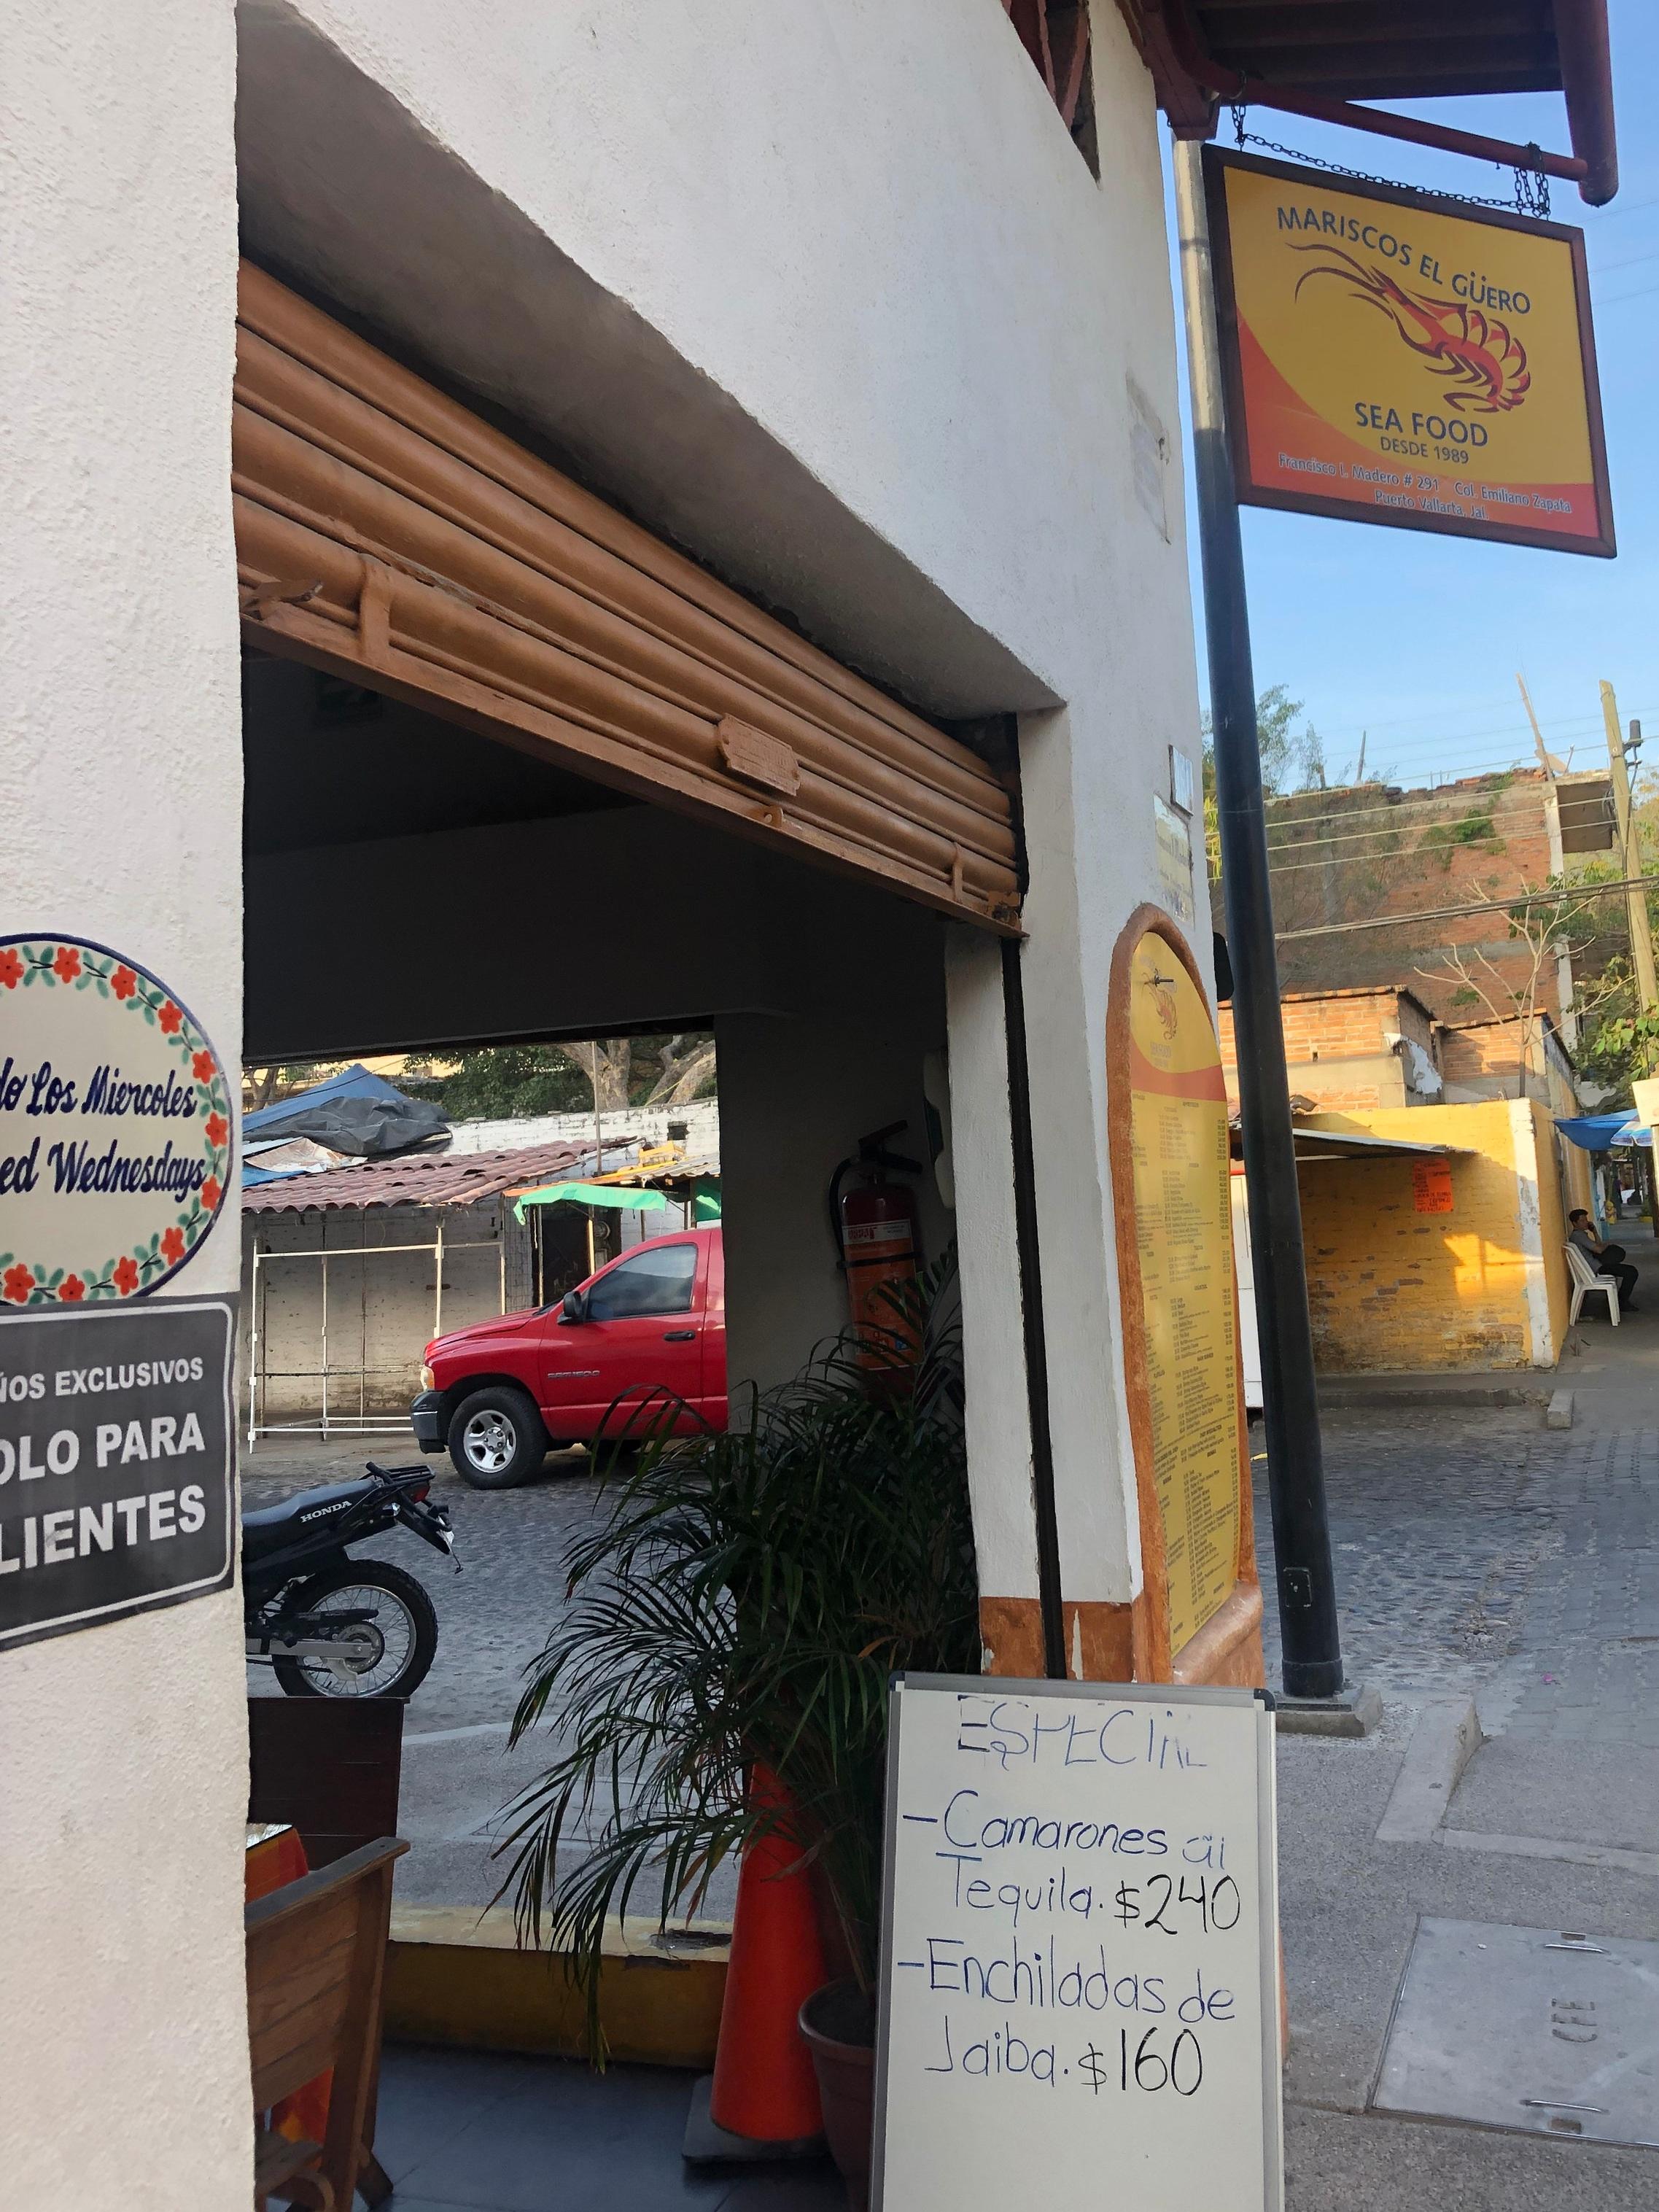 Photo: Mariscos El Güero Store Front